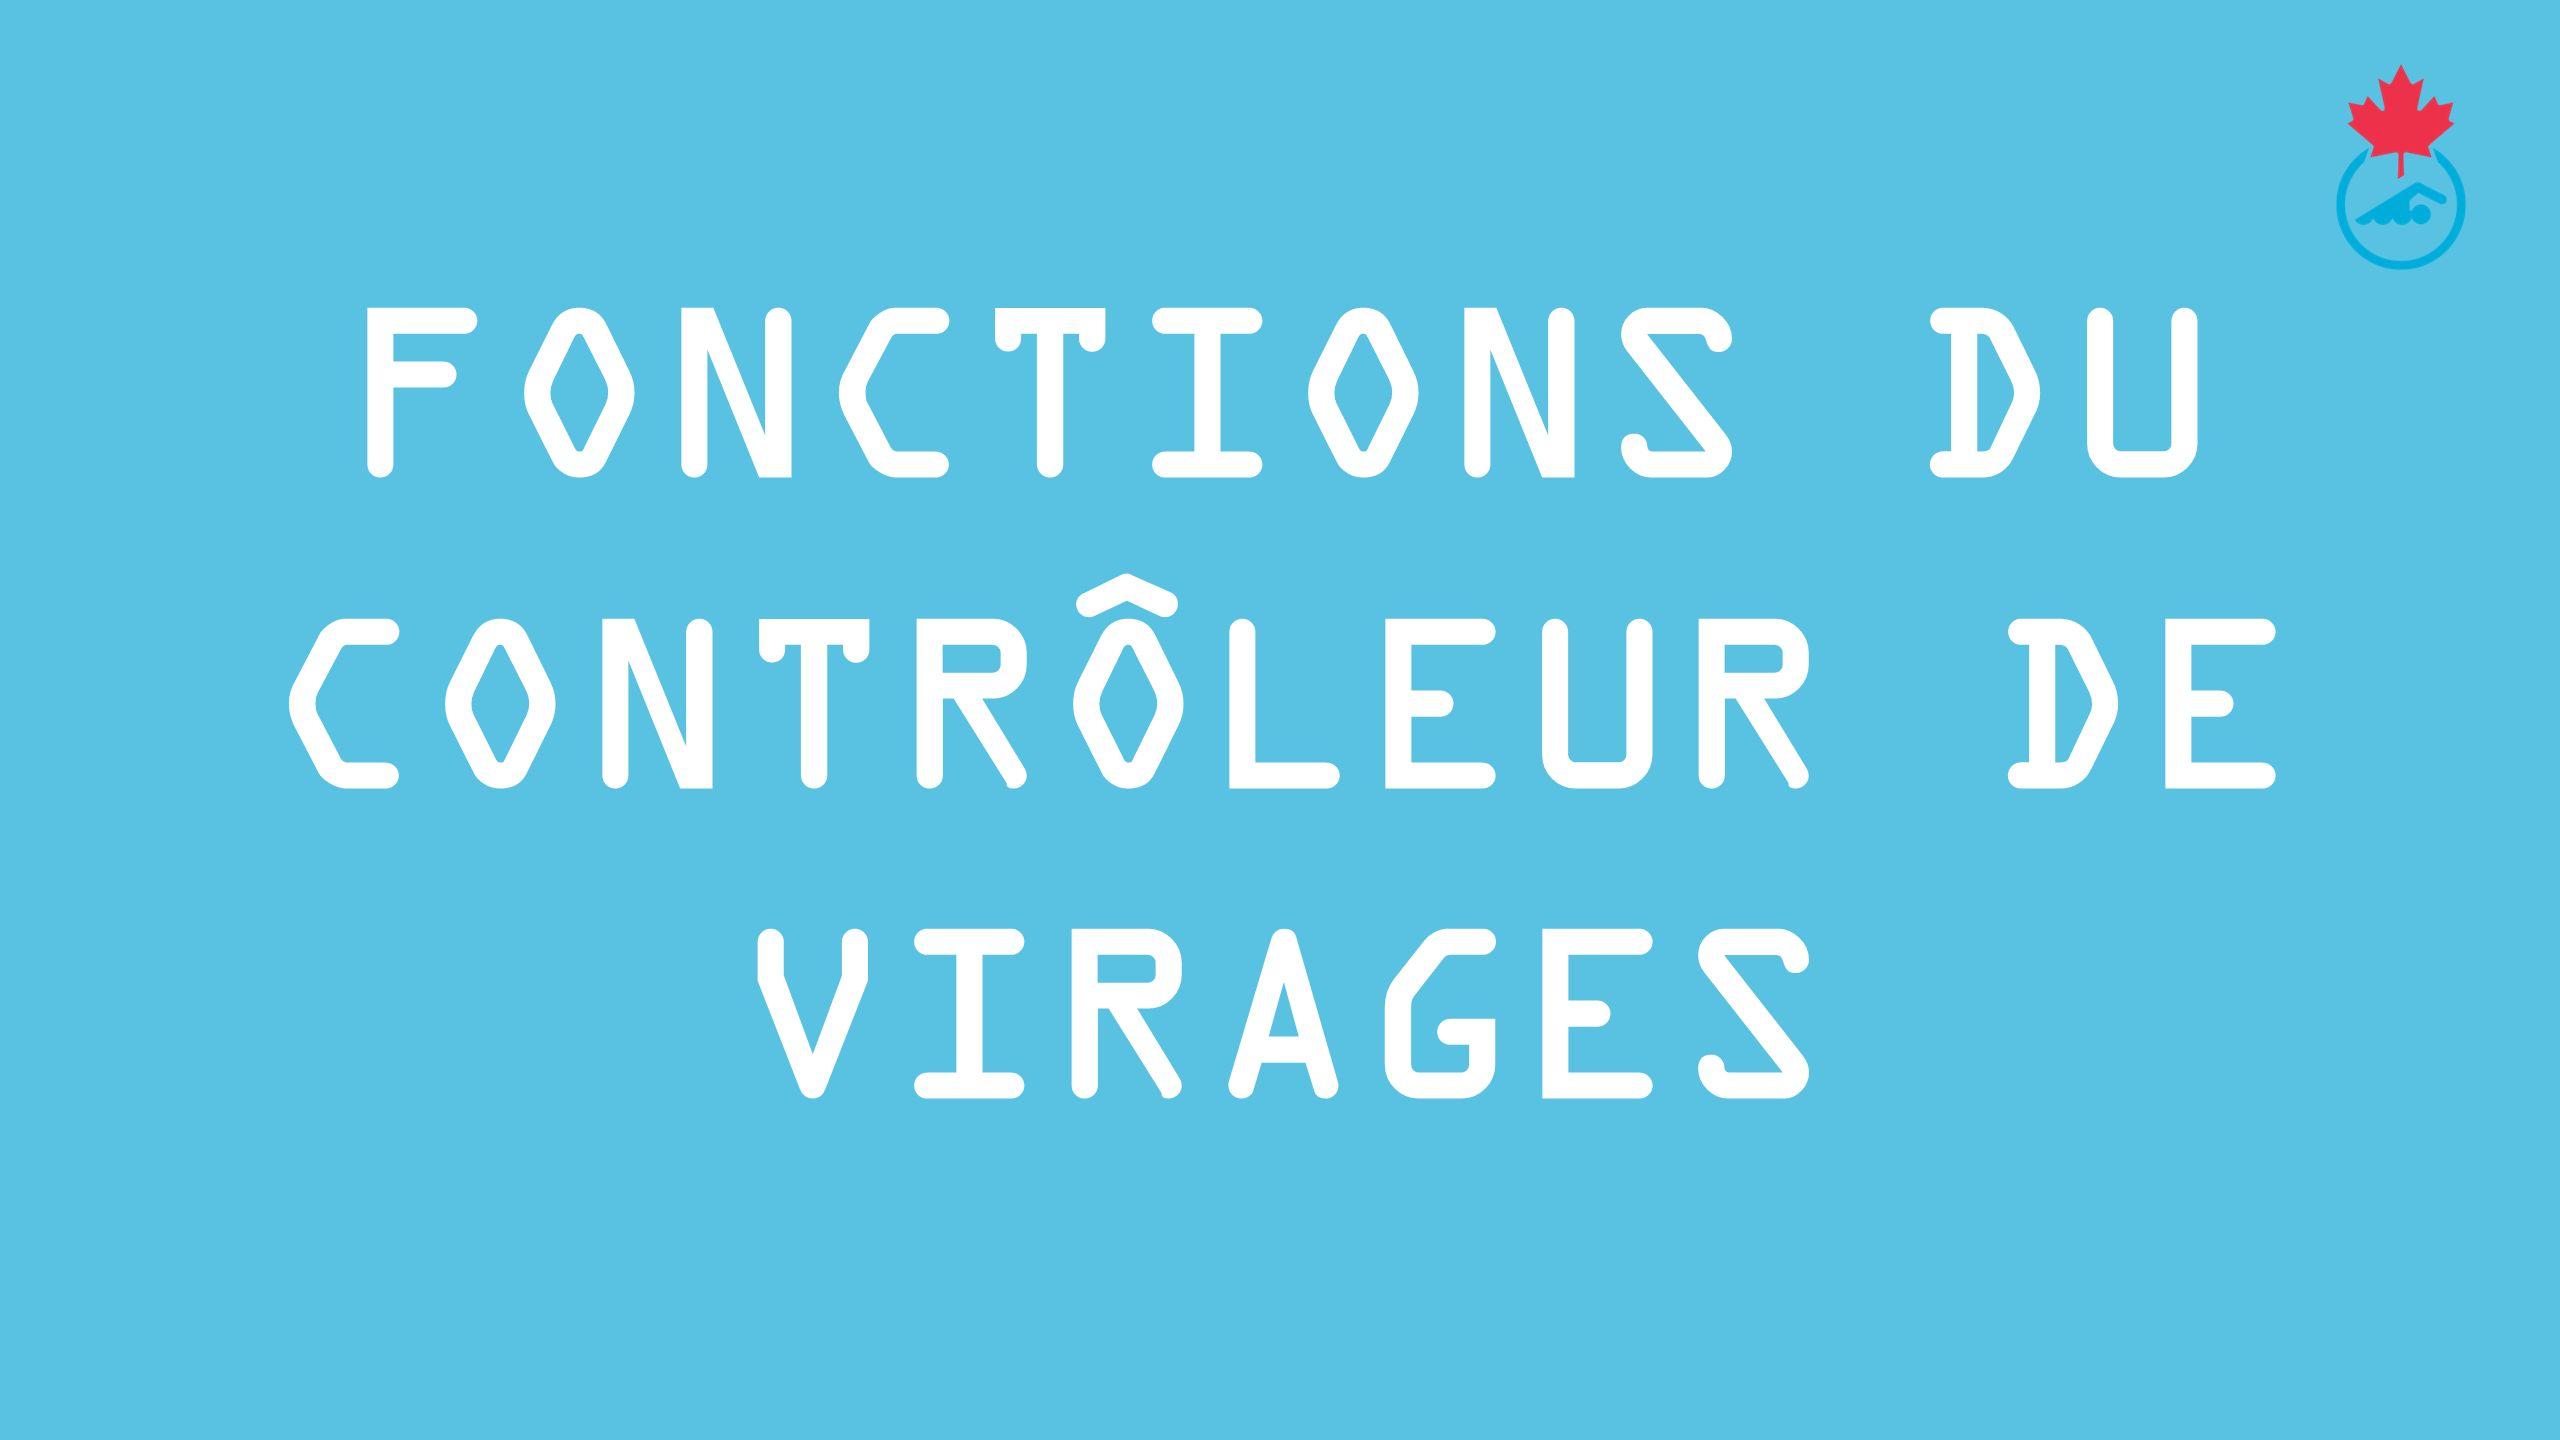 FONCTIONS DU CONTRÔLEUR DE VIRAGES